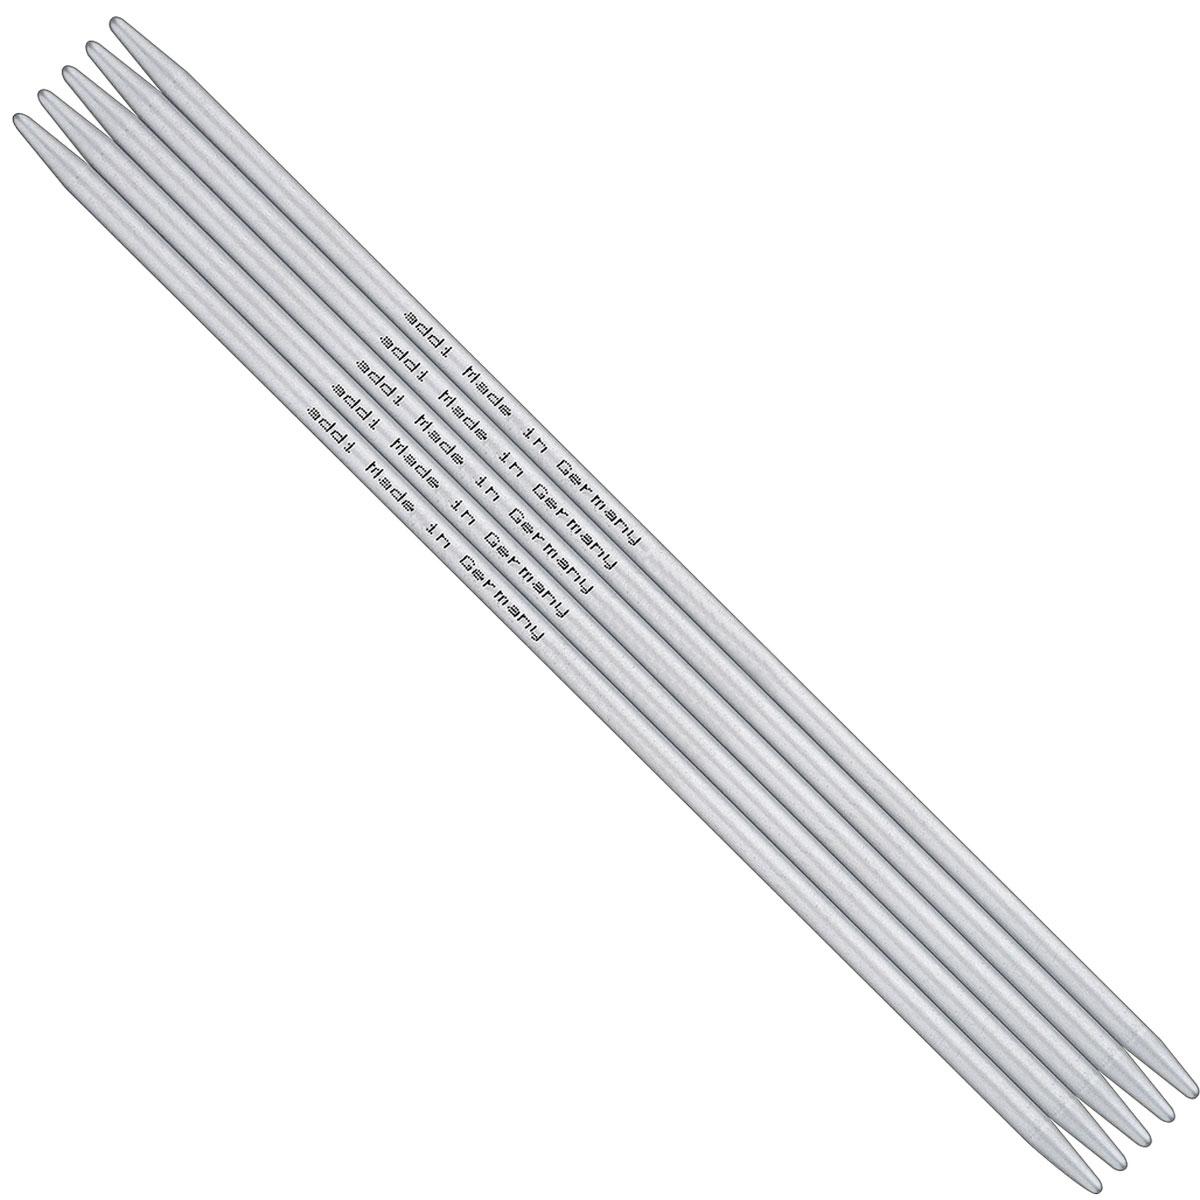 ADDI Спицы, чулочные, алюминий, №4,5, 40 см, 5 шт в блистере201-7/4.5-40Солидные и легкие чулочные спицы из высококачественного алюминия addi обладают прекрасными тактильными качествами и благородным серебристо-матовым цветом. Уникальный стук при вязании радует слух. За счет гладкой поверхности работать с ними легко и удобно. На саму спицу, как и на других артикулах, нанесен размер, длина и знаменитое Made in Germany.